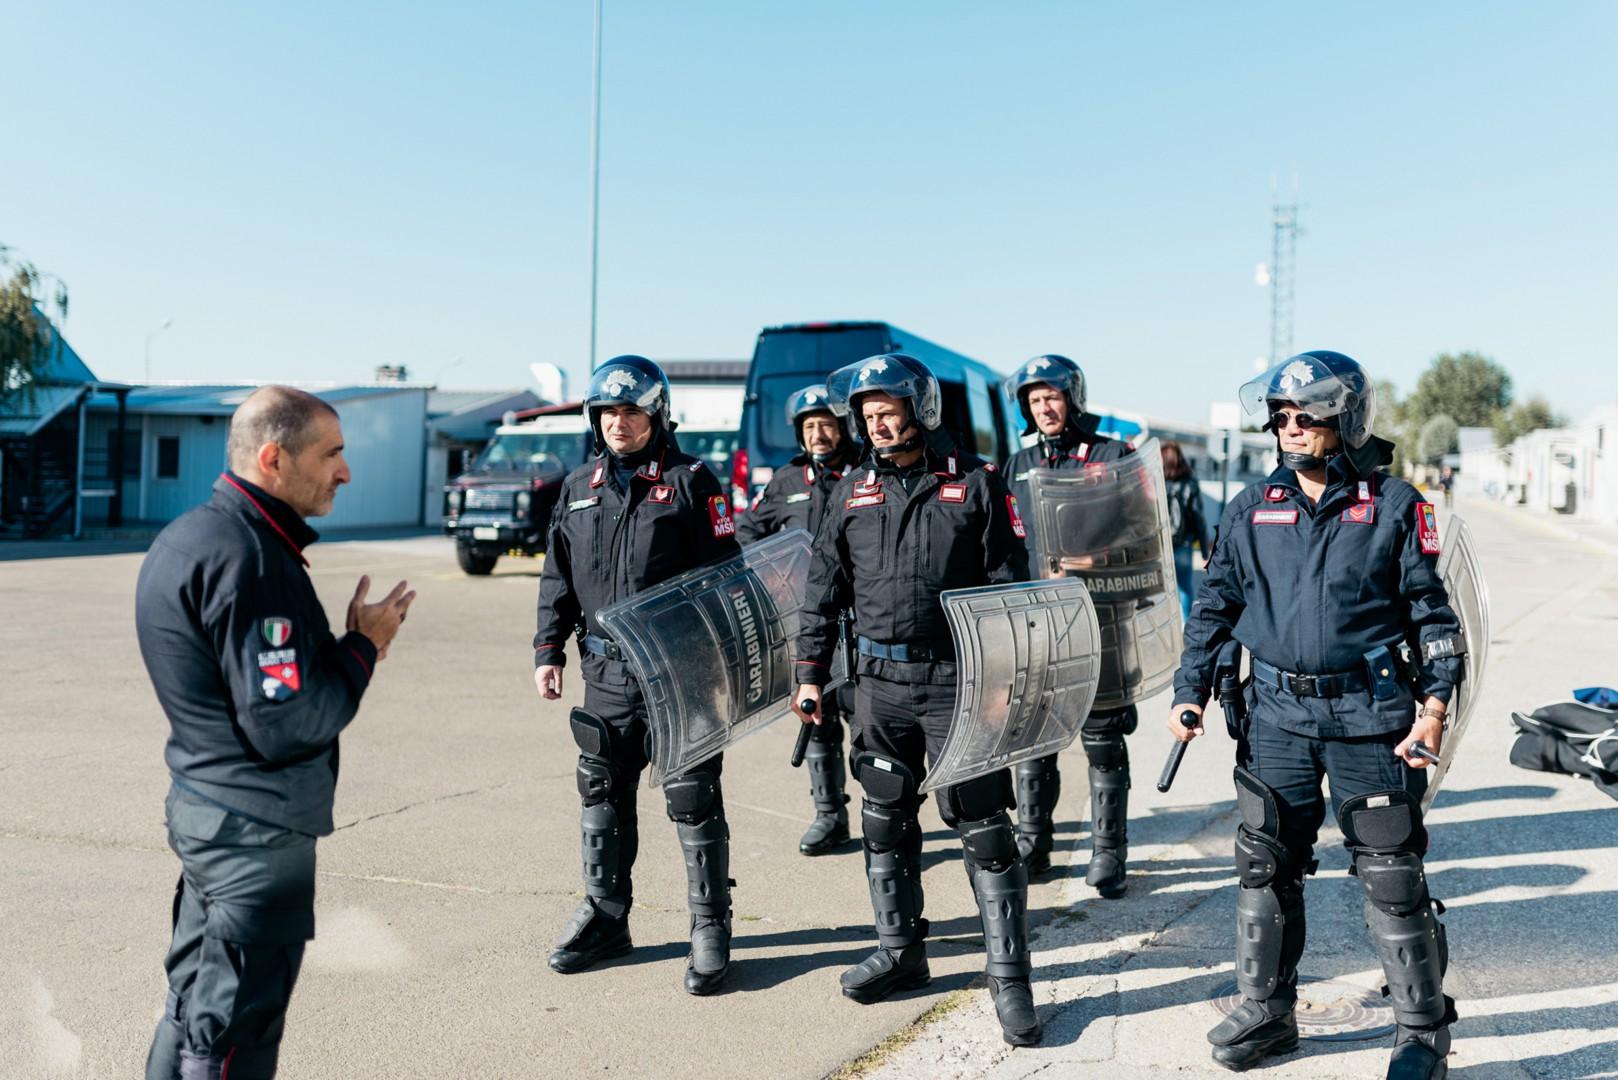 Addestramento dei carabinieri nella base